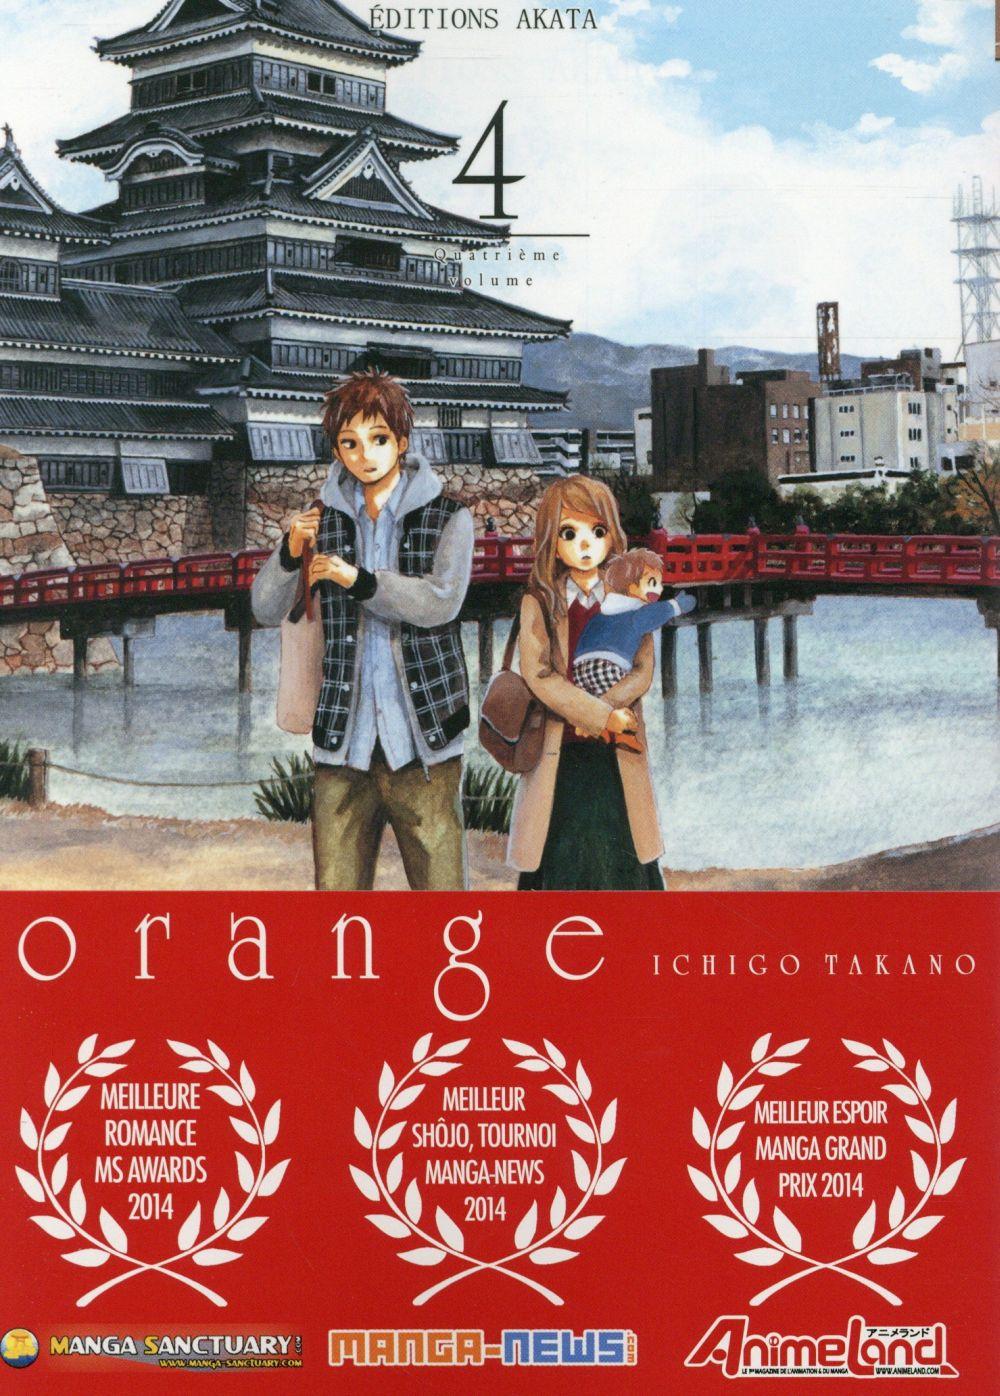 ORANGE - TOME 4 Takano Ichigo Editions Akata